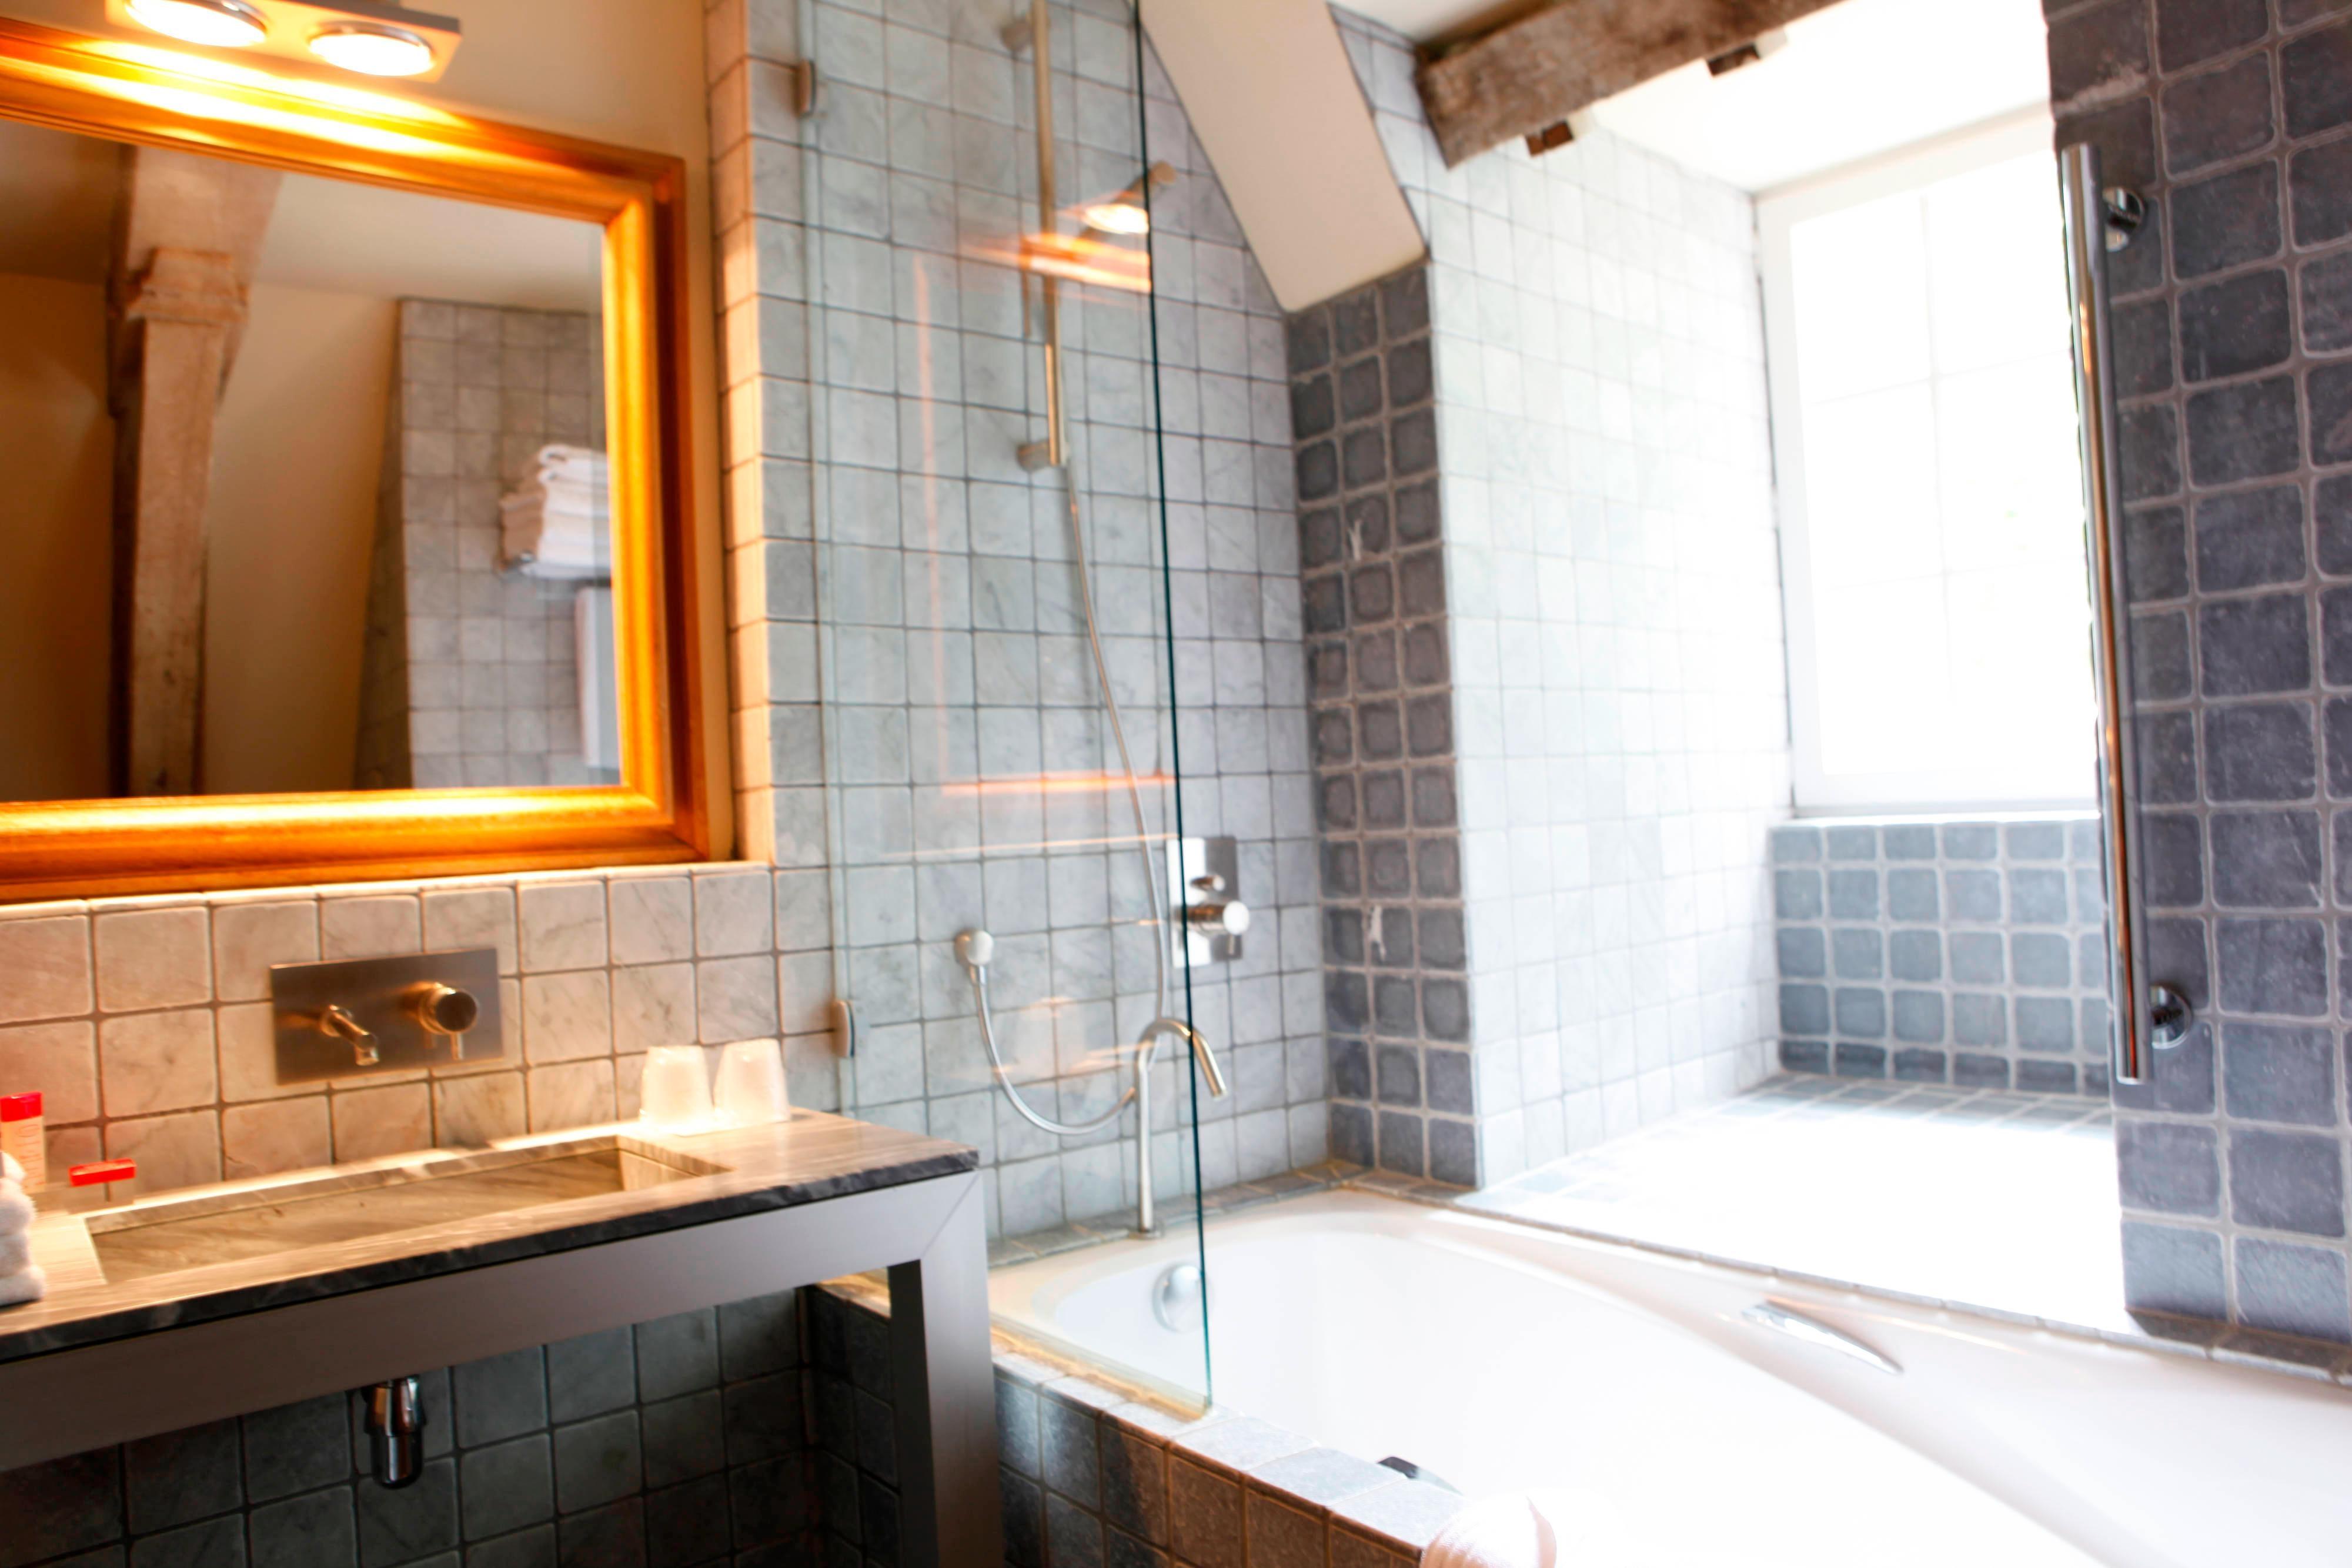 Salle de bains de l'hôtel Hermitage Gantois, à Lille